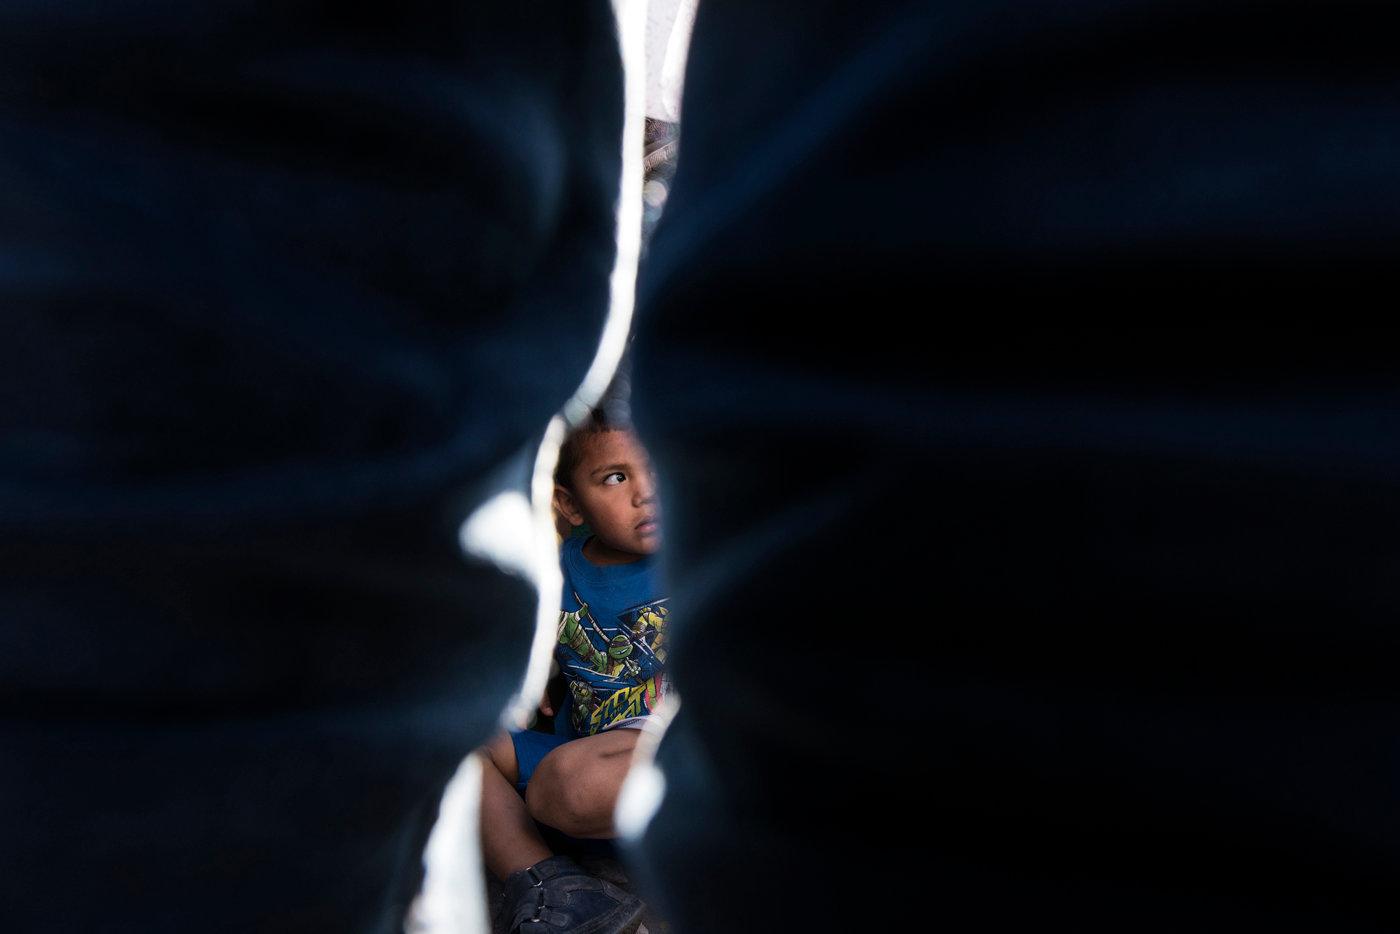 El Paso. Border with Mexico. Child.